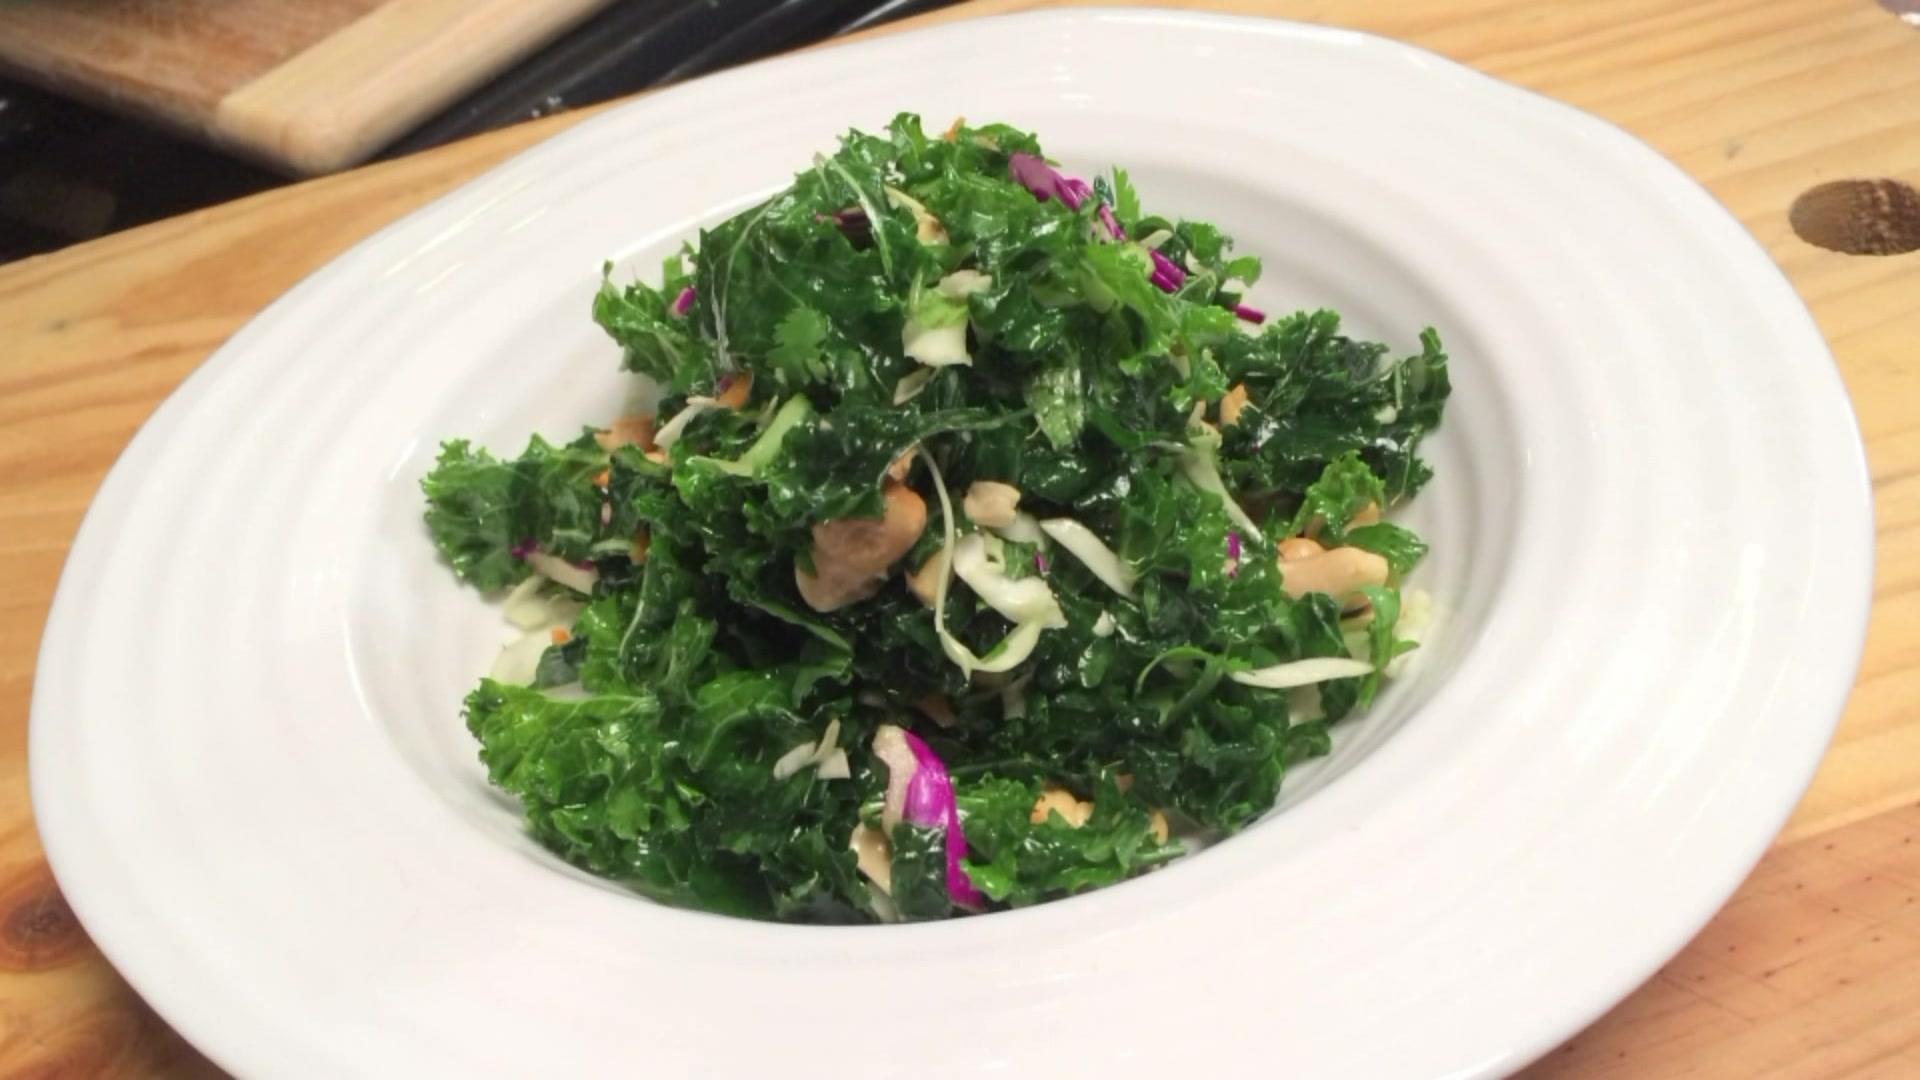 How to Make a Peanut and Kale Salad